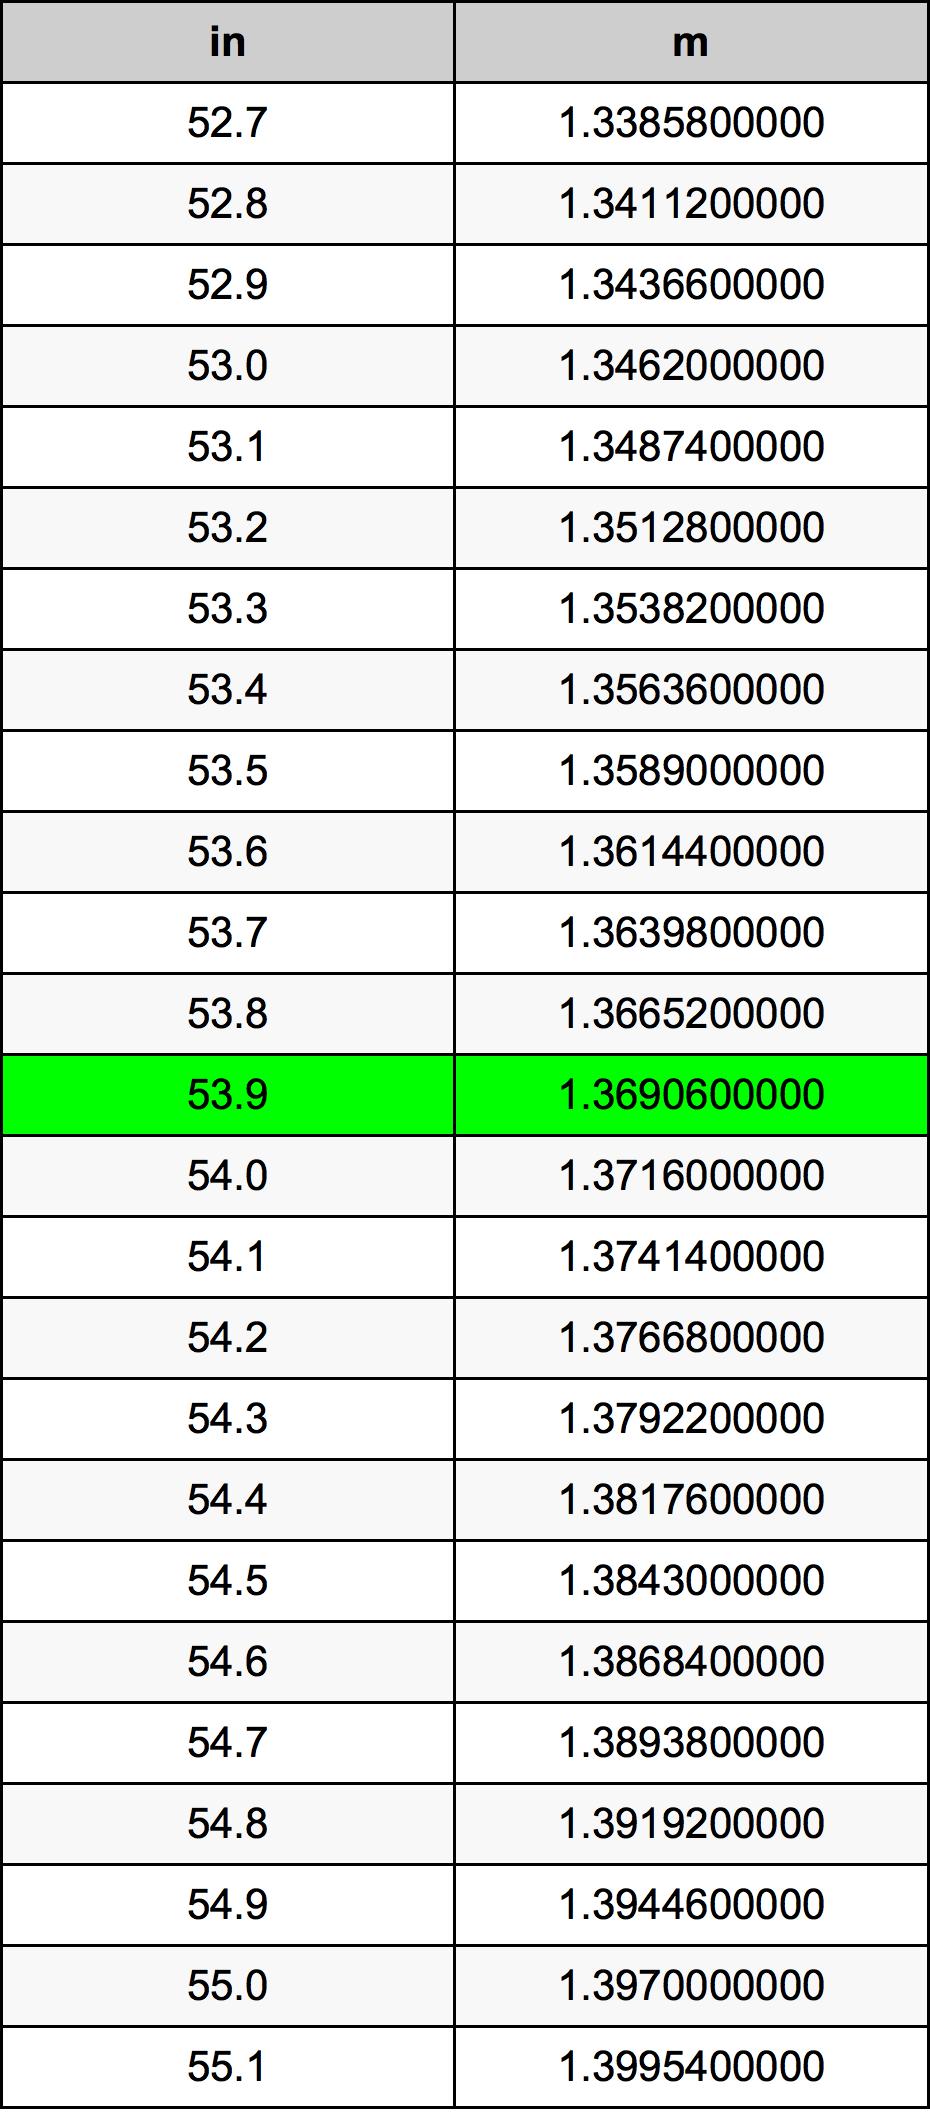 53.9 بوصة جدول تحويل